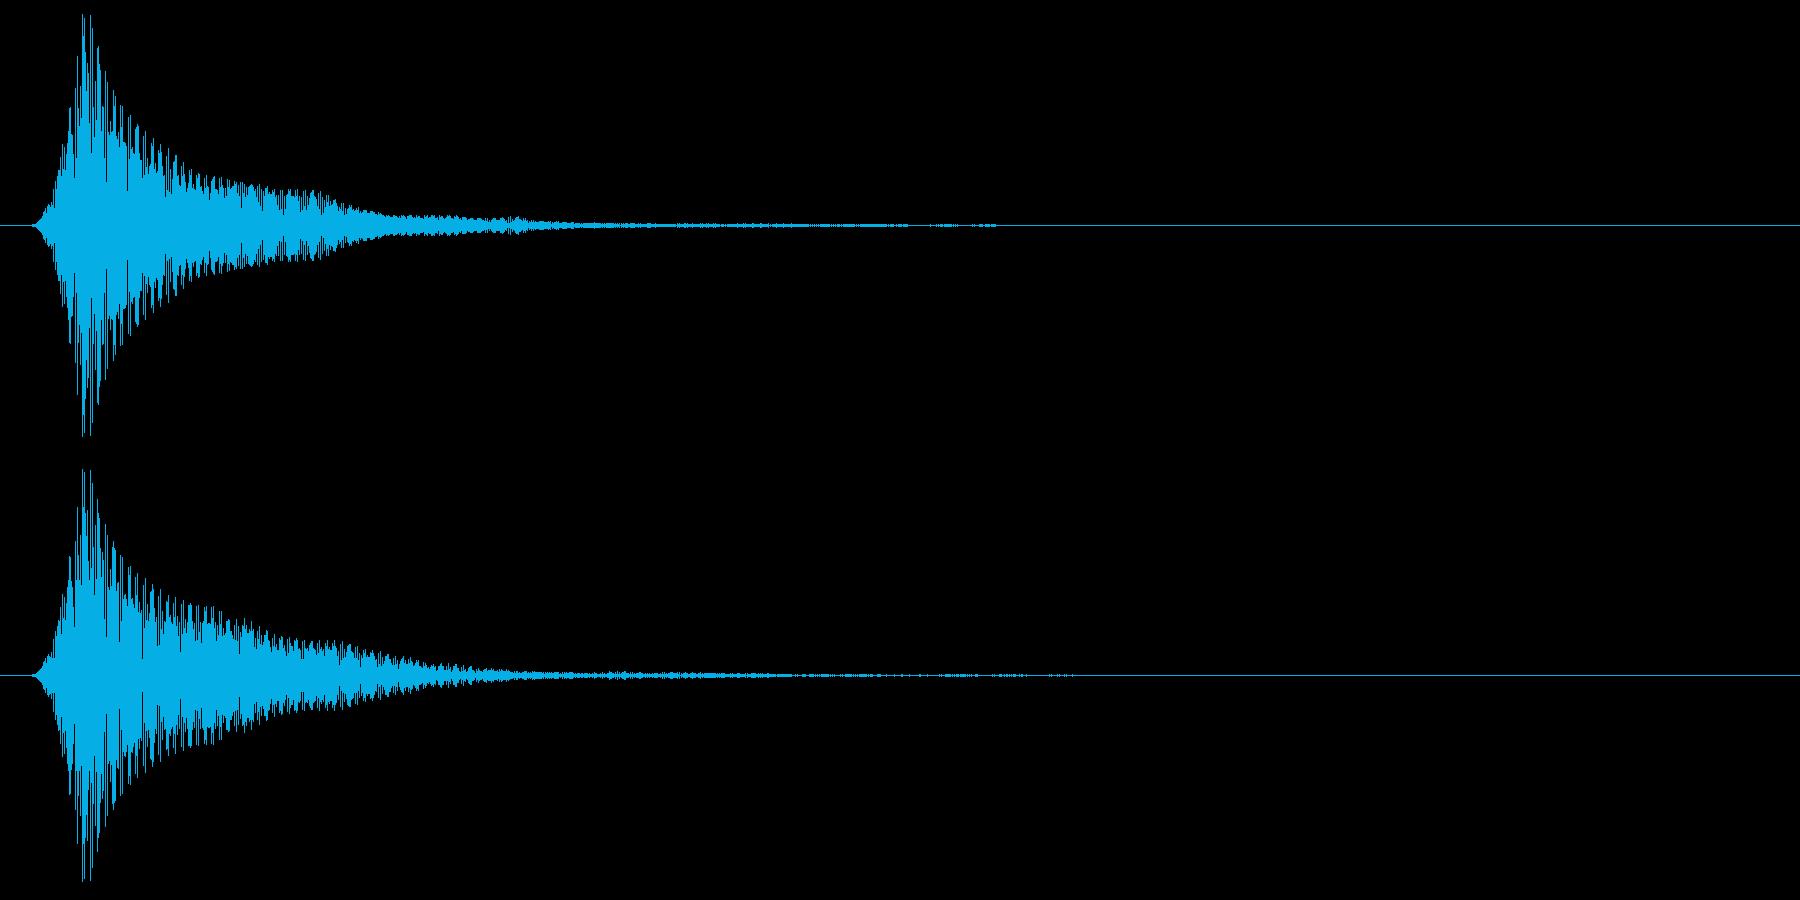 丸みのある低めのボタン音の再生済みの波形